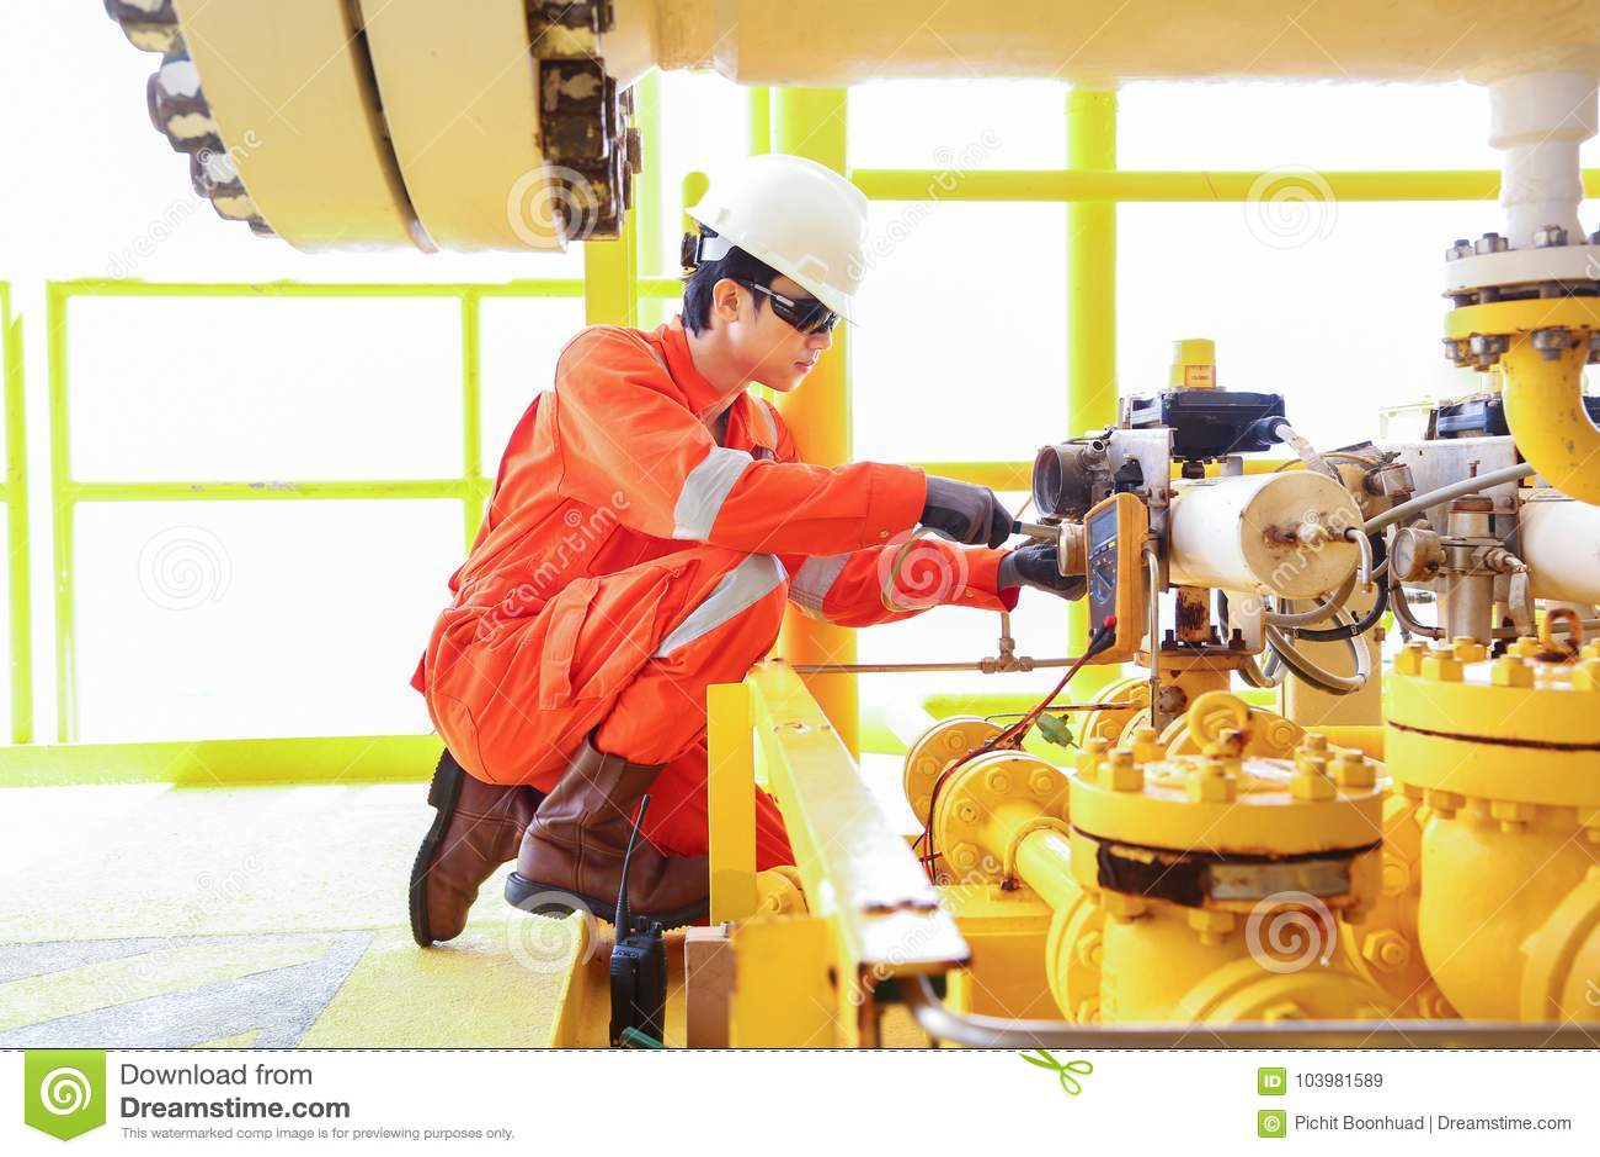 O técnico bonde e do instrumento está substituindo a válvula de solenoide da válvula interrompida na plataforma do telecontrole d